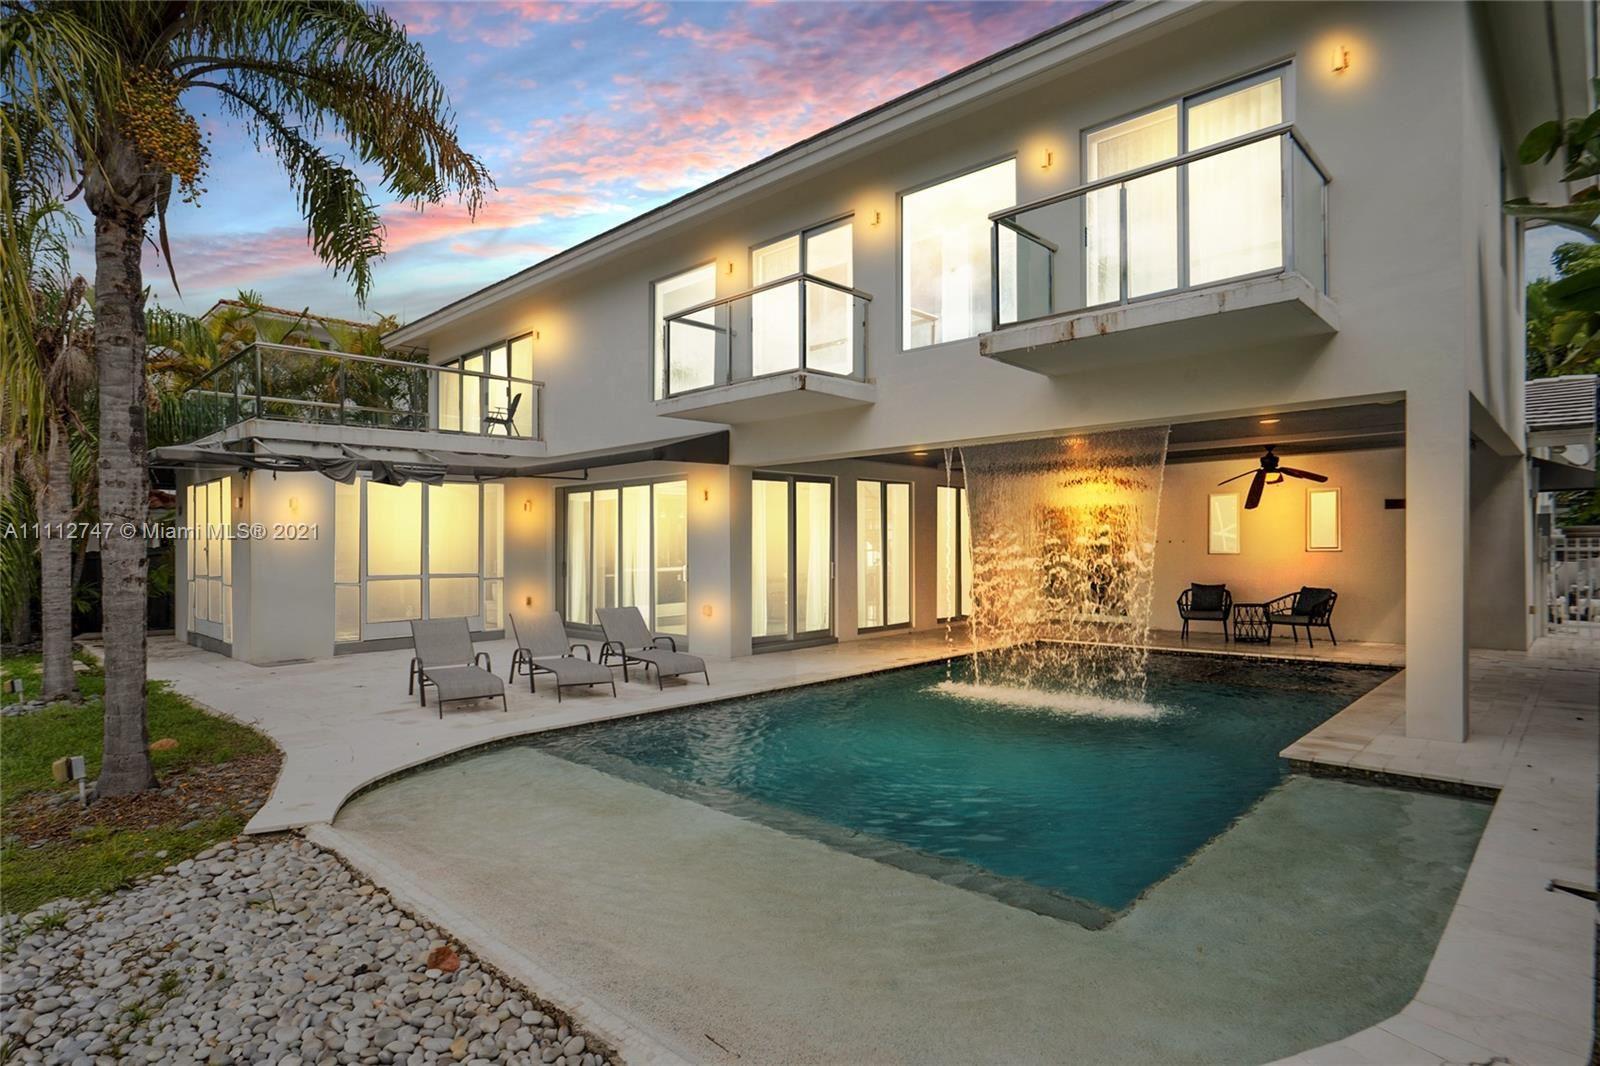 Photo of 13100 Coronado Ln, North Miami, FL 33181 (MLS # A11112747)